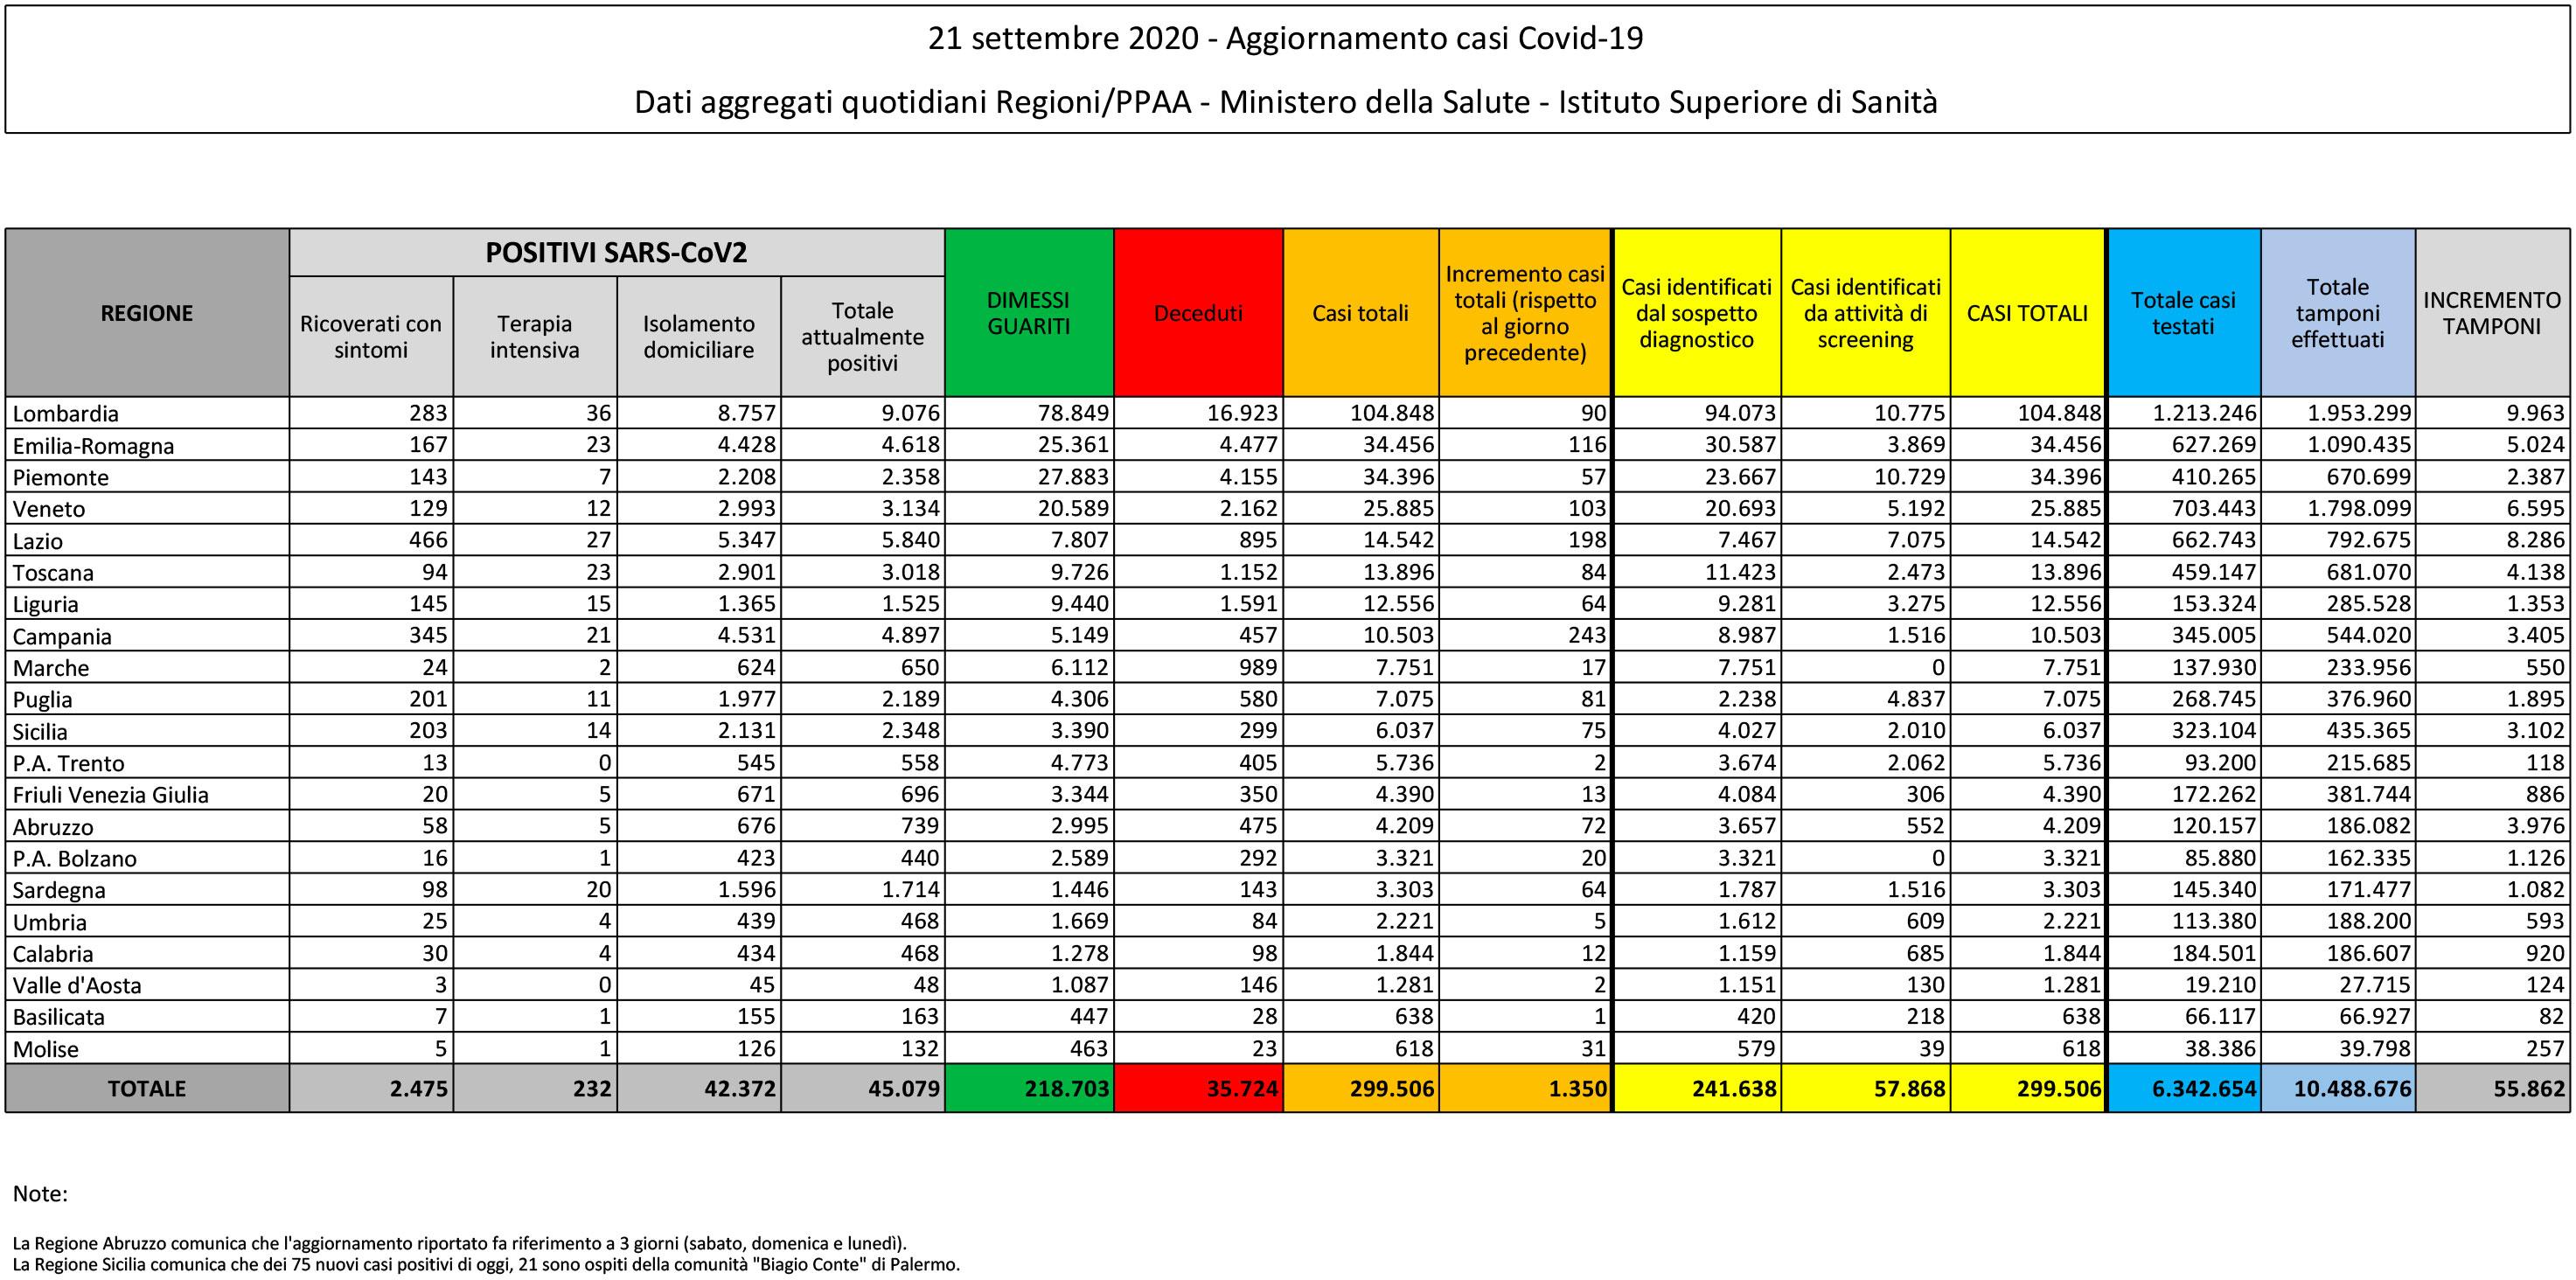 tabella del Ministero della Salute con i dati del coronavirus in Italia e in Sicilia: bollettino del 21 settembre 2020